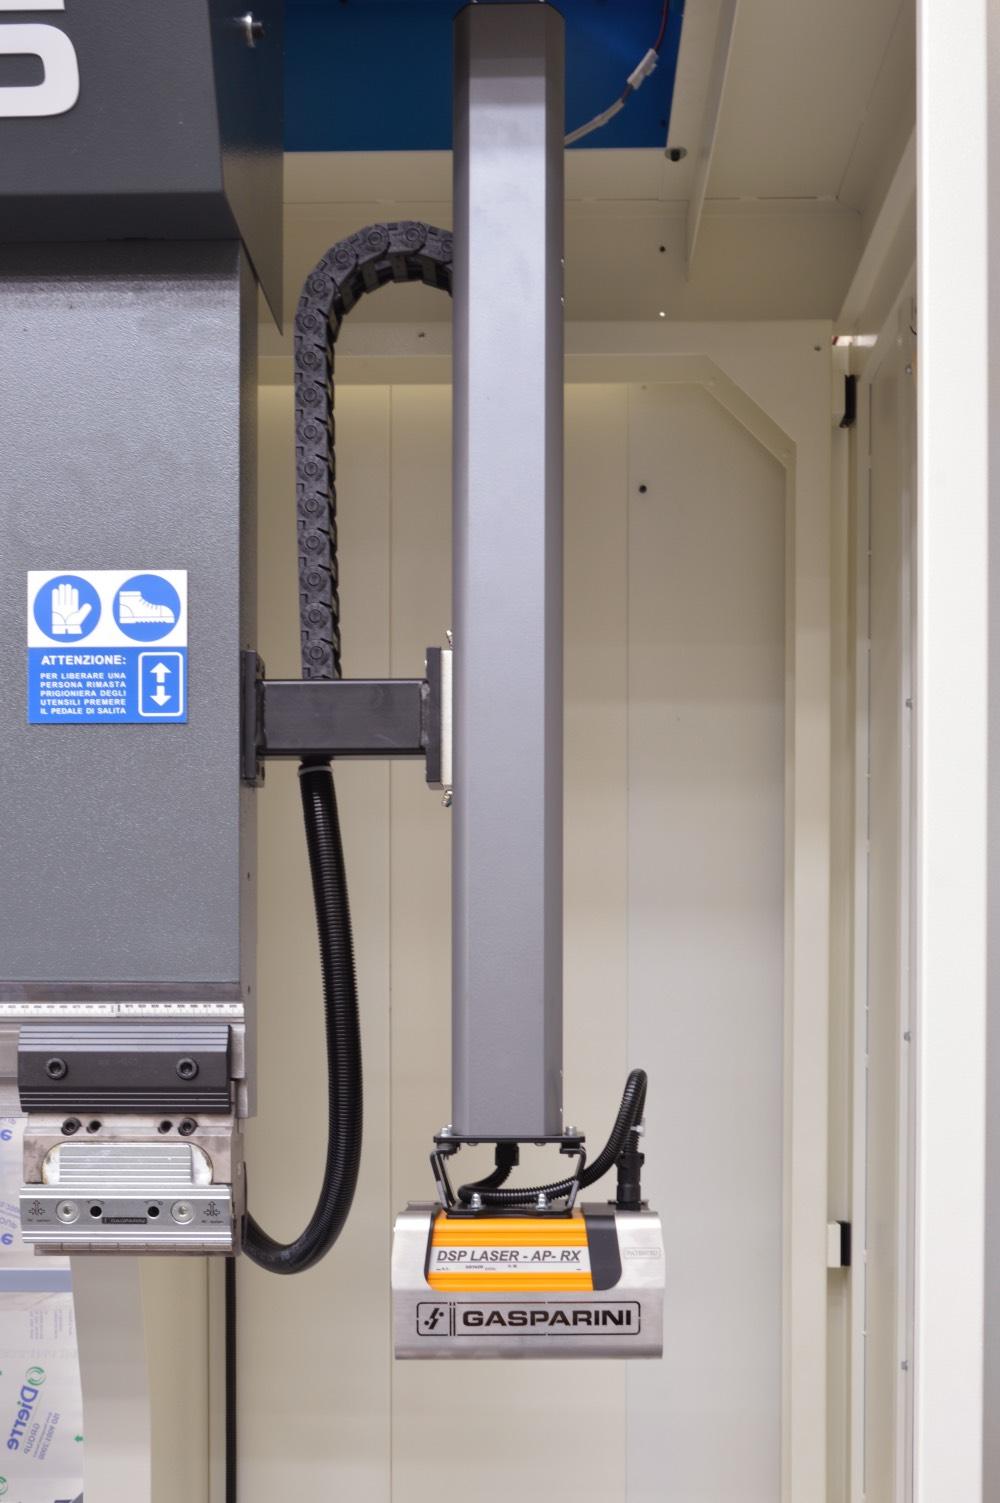 motorized safety laser press brake